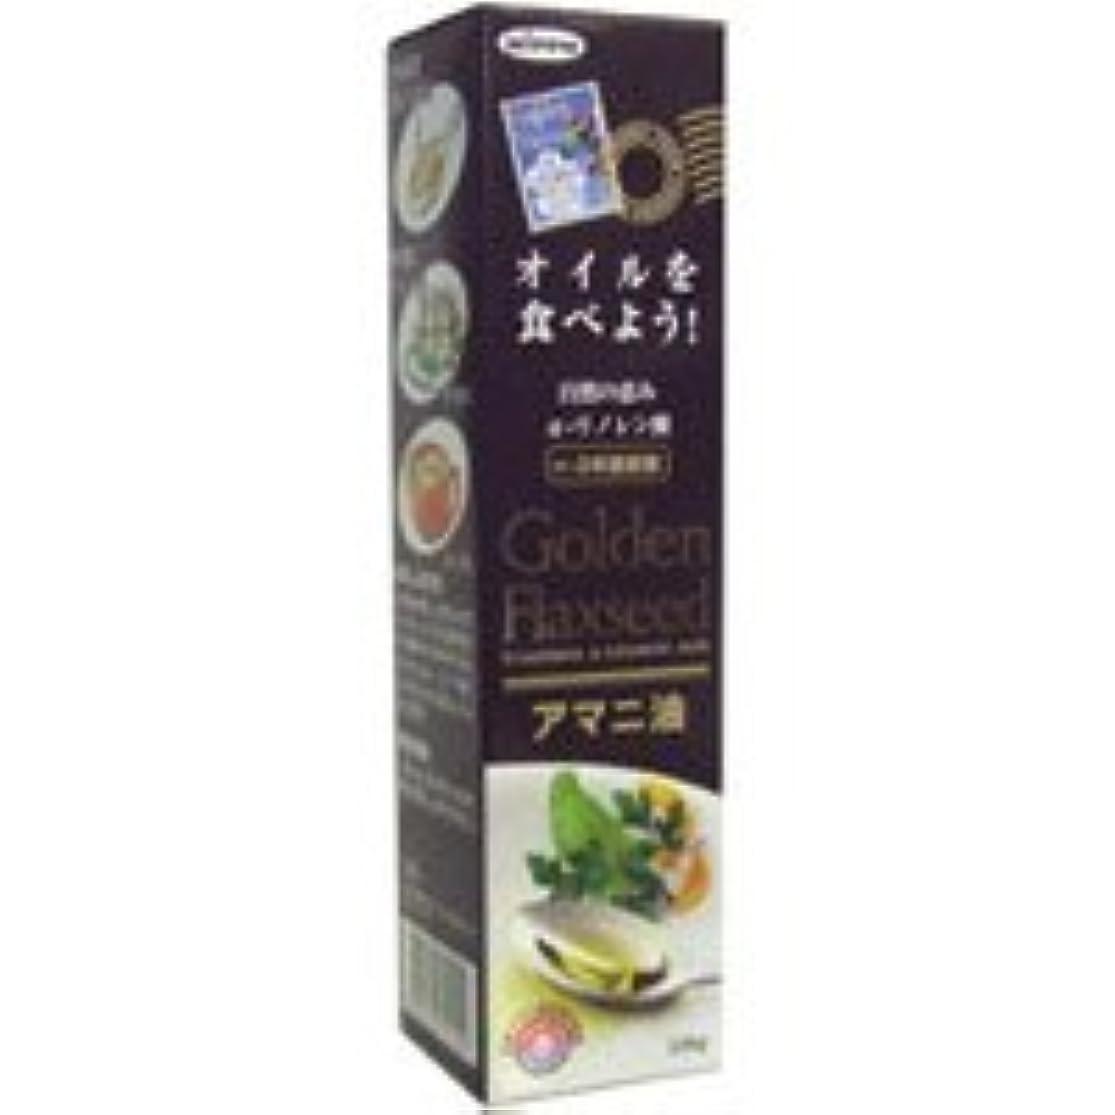 促す革命グリル日本製粉アマニ油186g